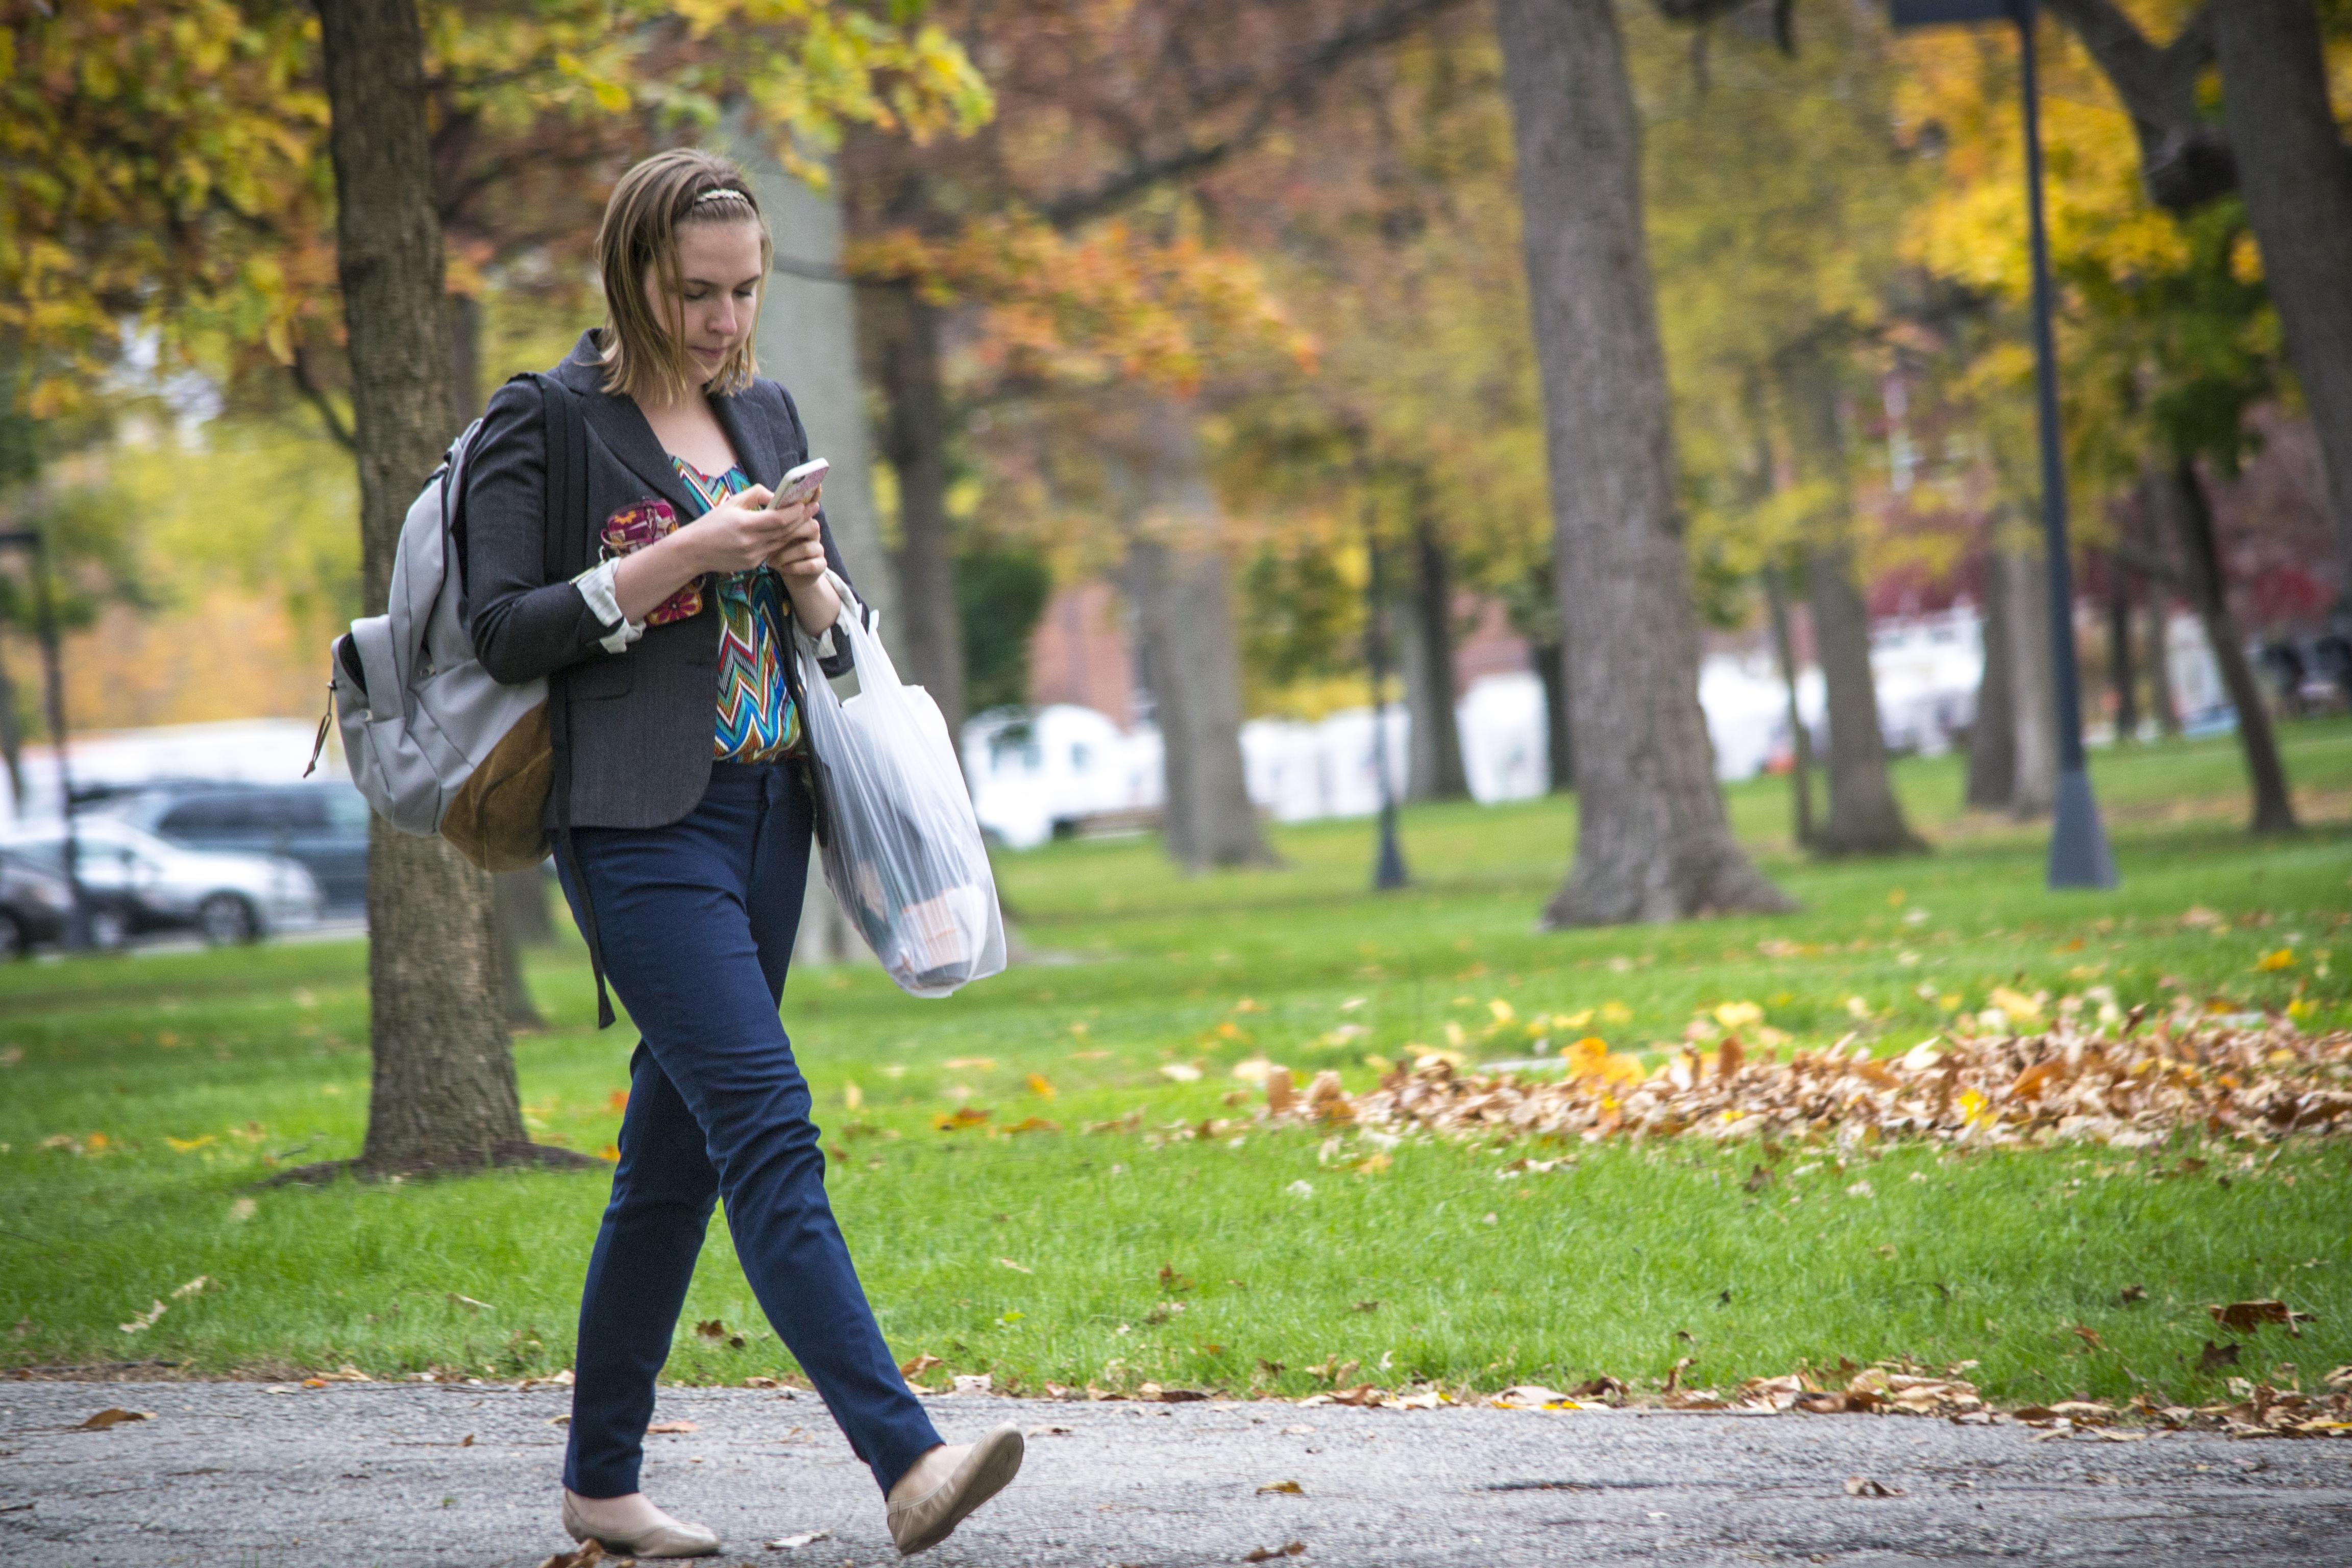 Walking while texting ...